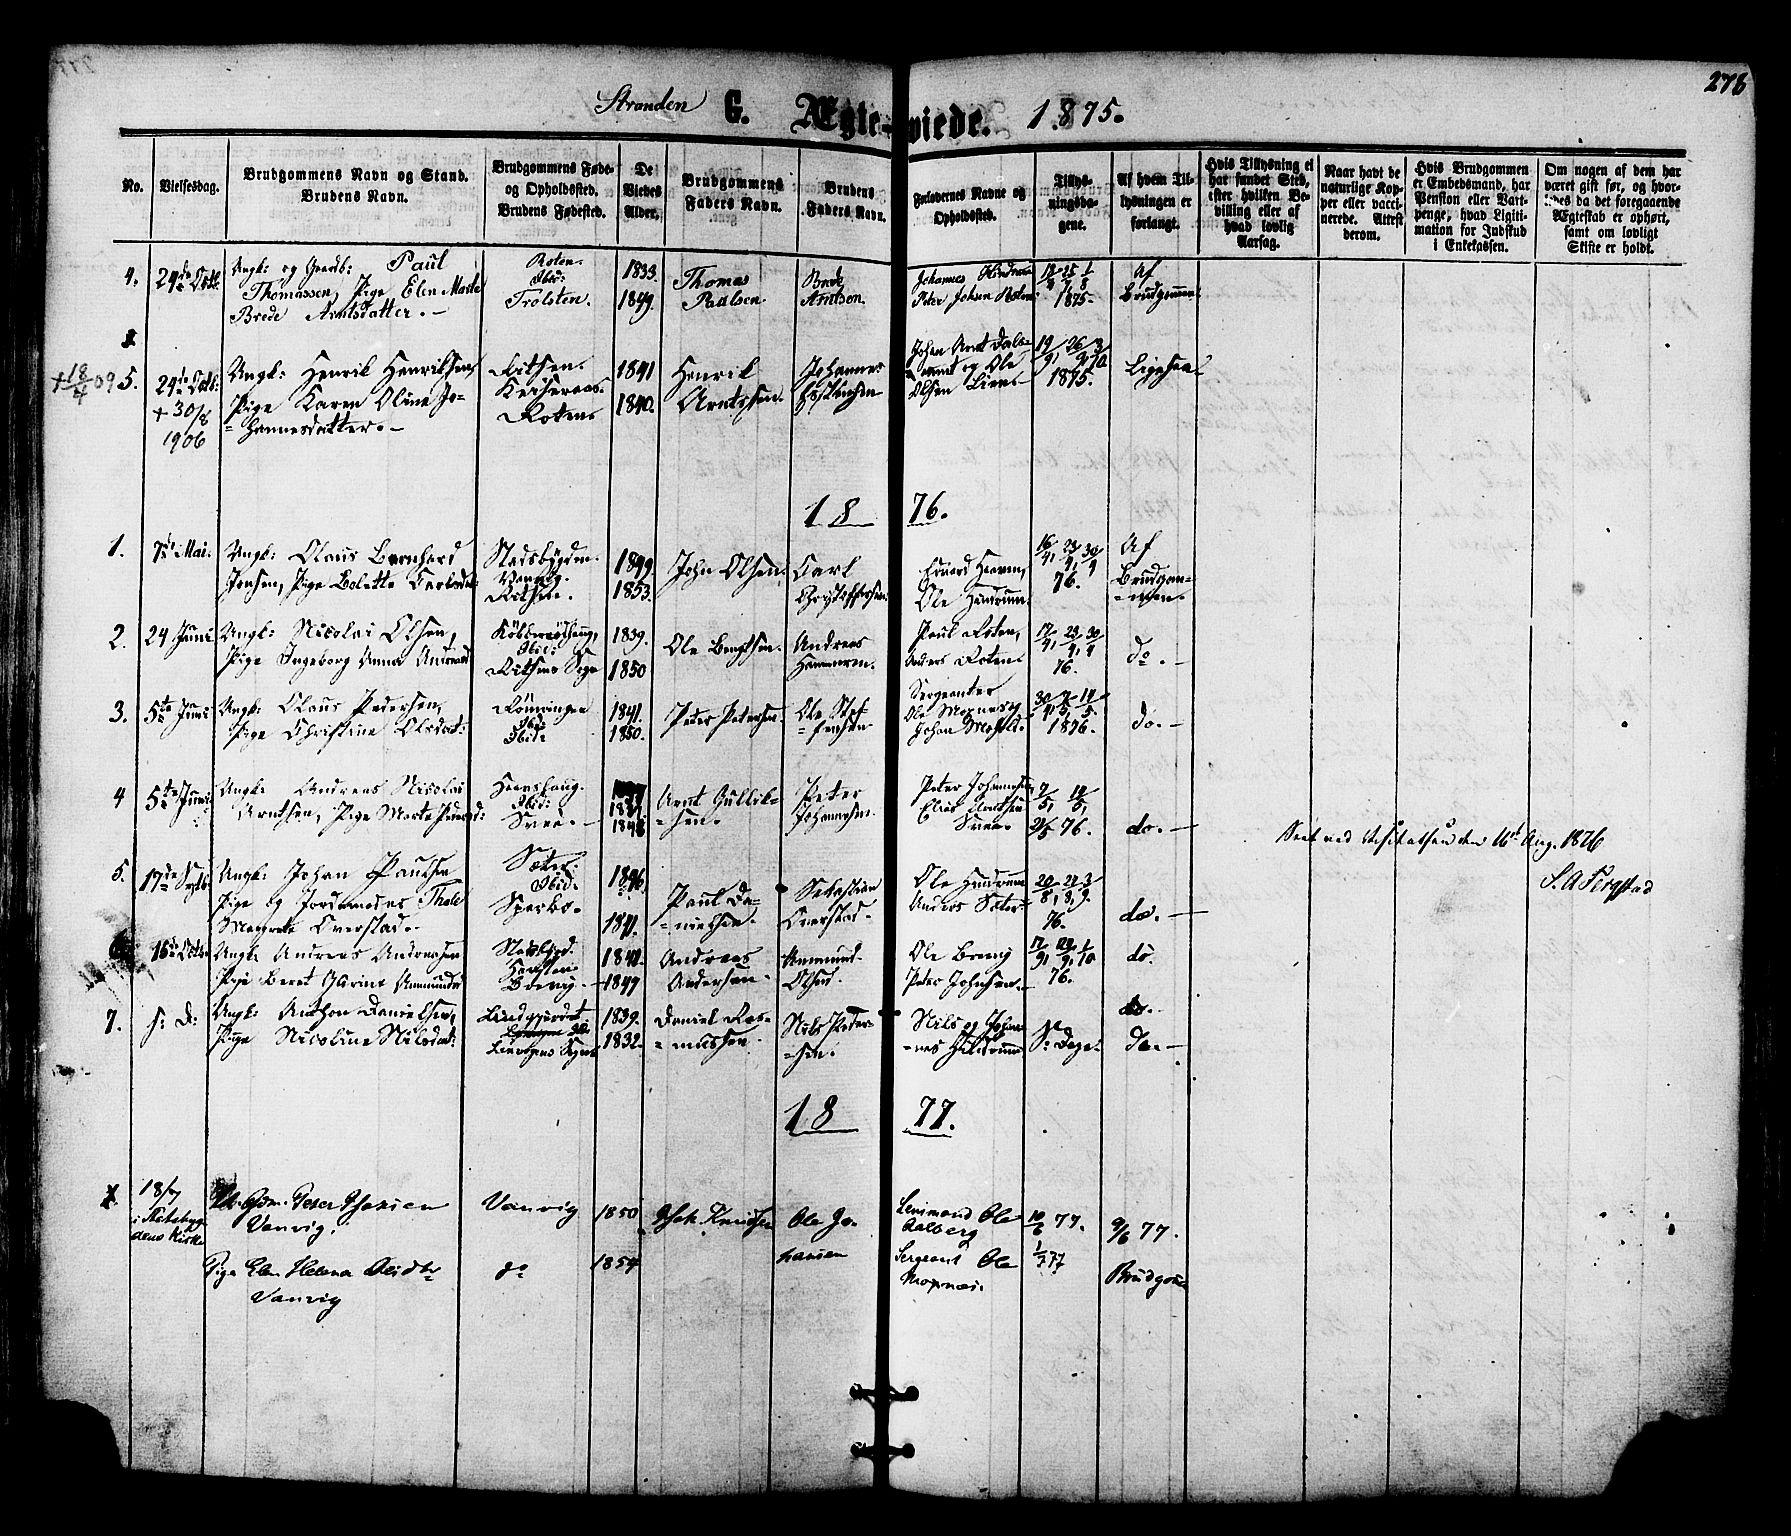 SAT, Ministerialprotokoller, klokkerbøker og fødselsregistre - Nord-Trøndelag, 701/L0009: Ministerialbok nr. 701A09 /2, 1864-1882, s. 278